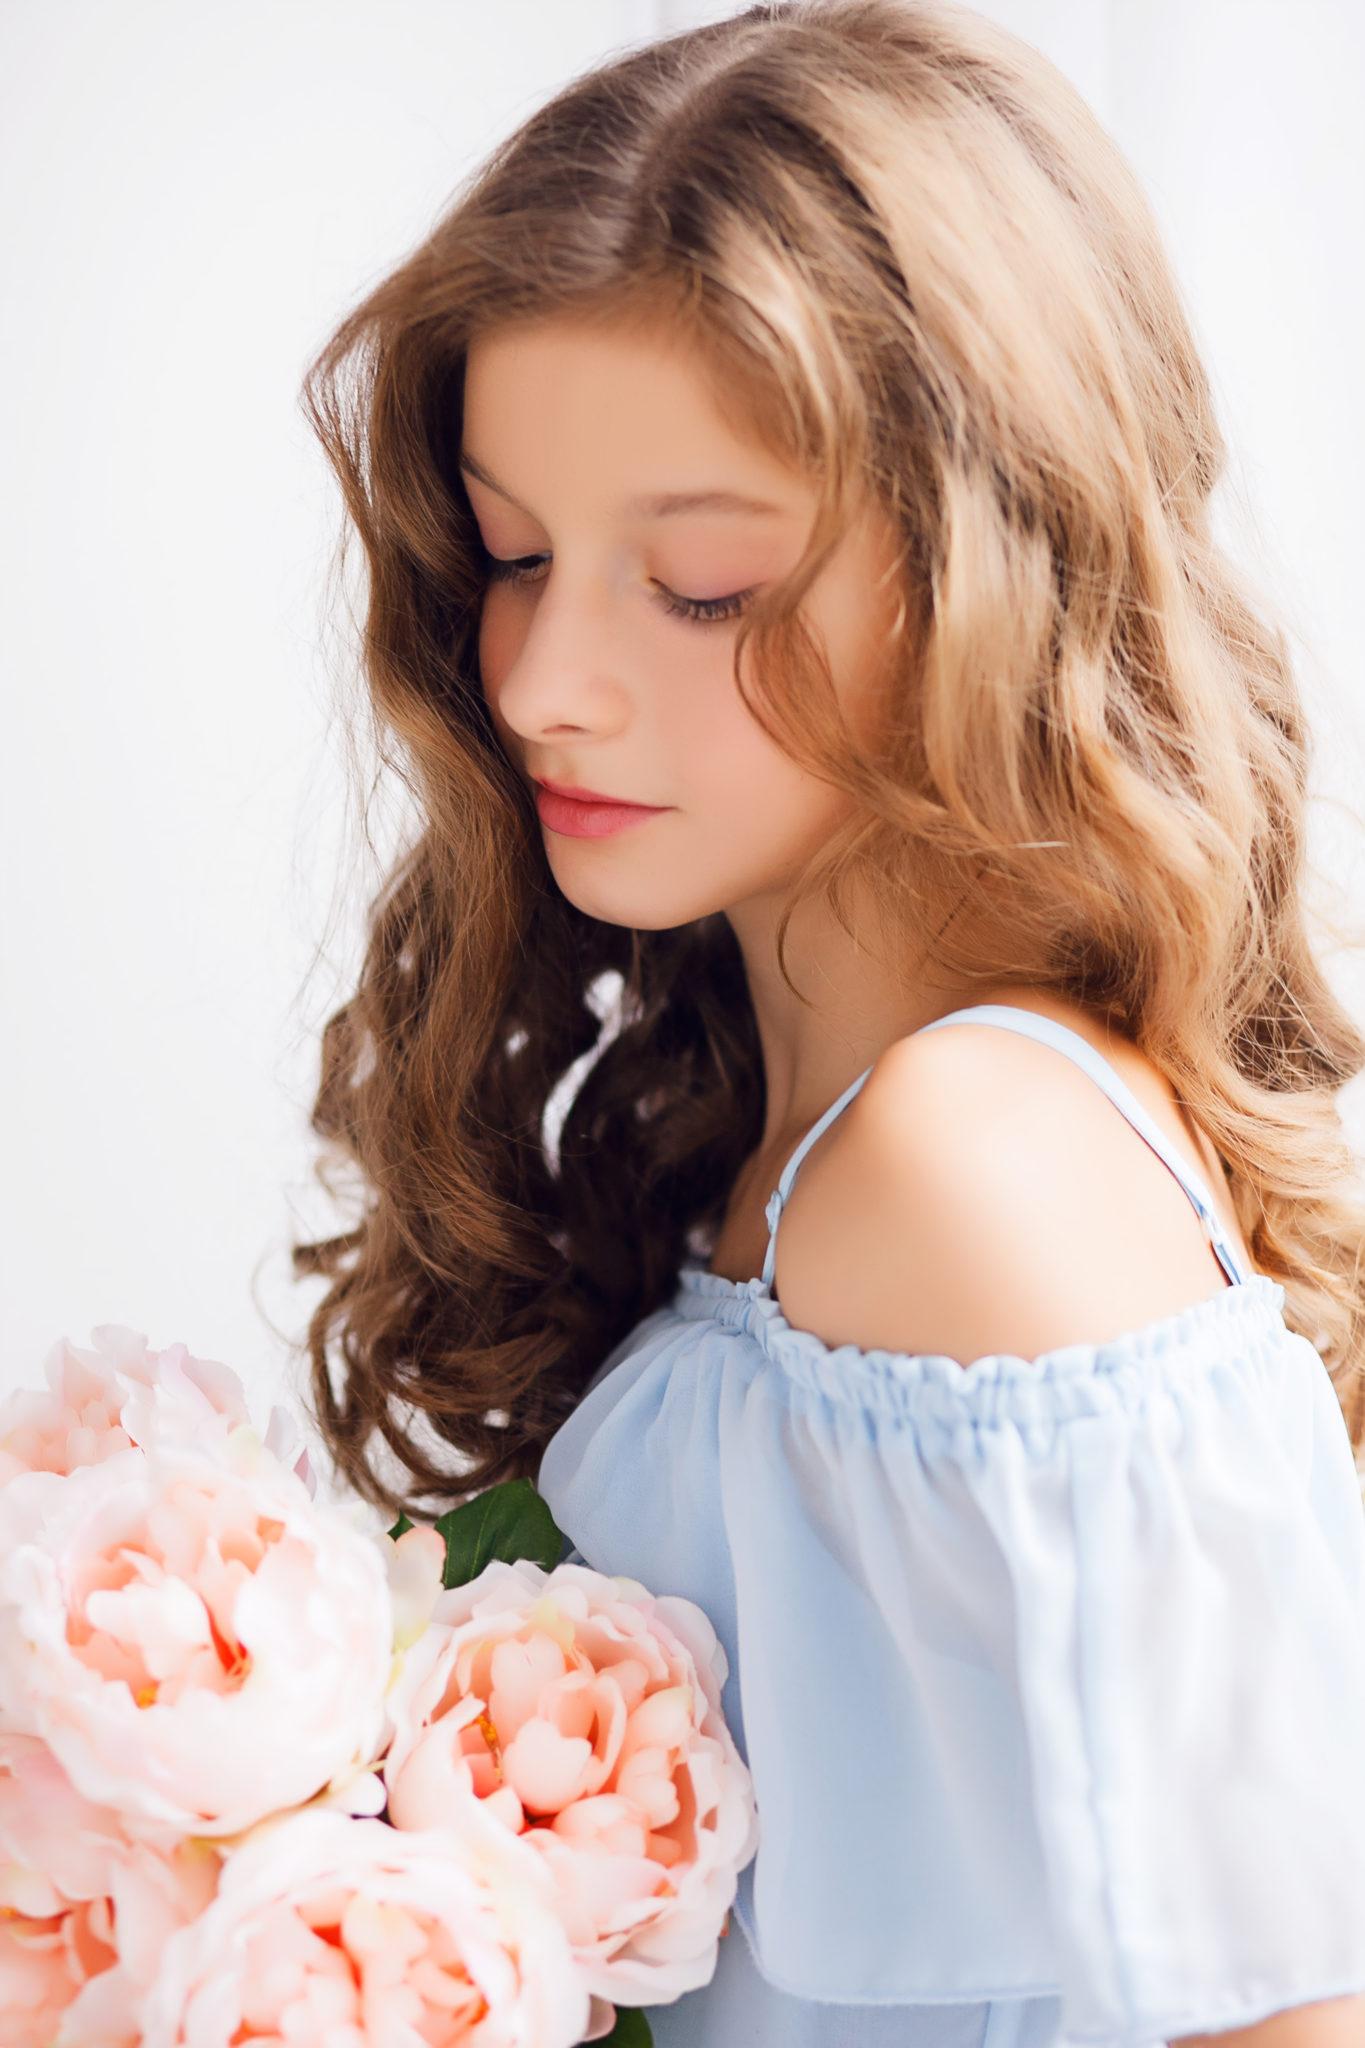 Детская фотосессия, девочка с букетом цветов